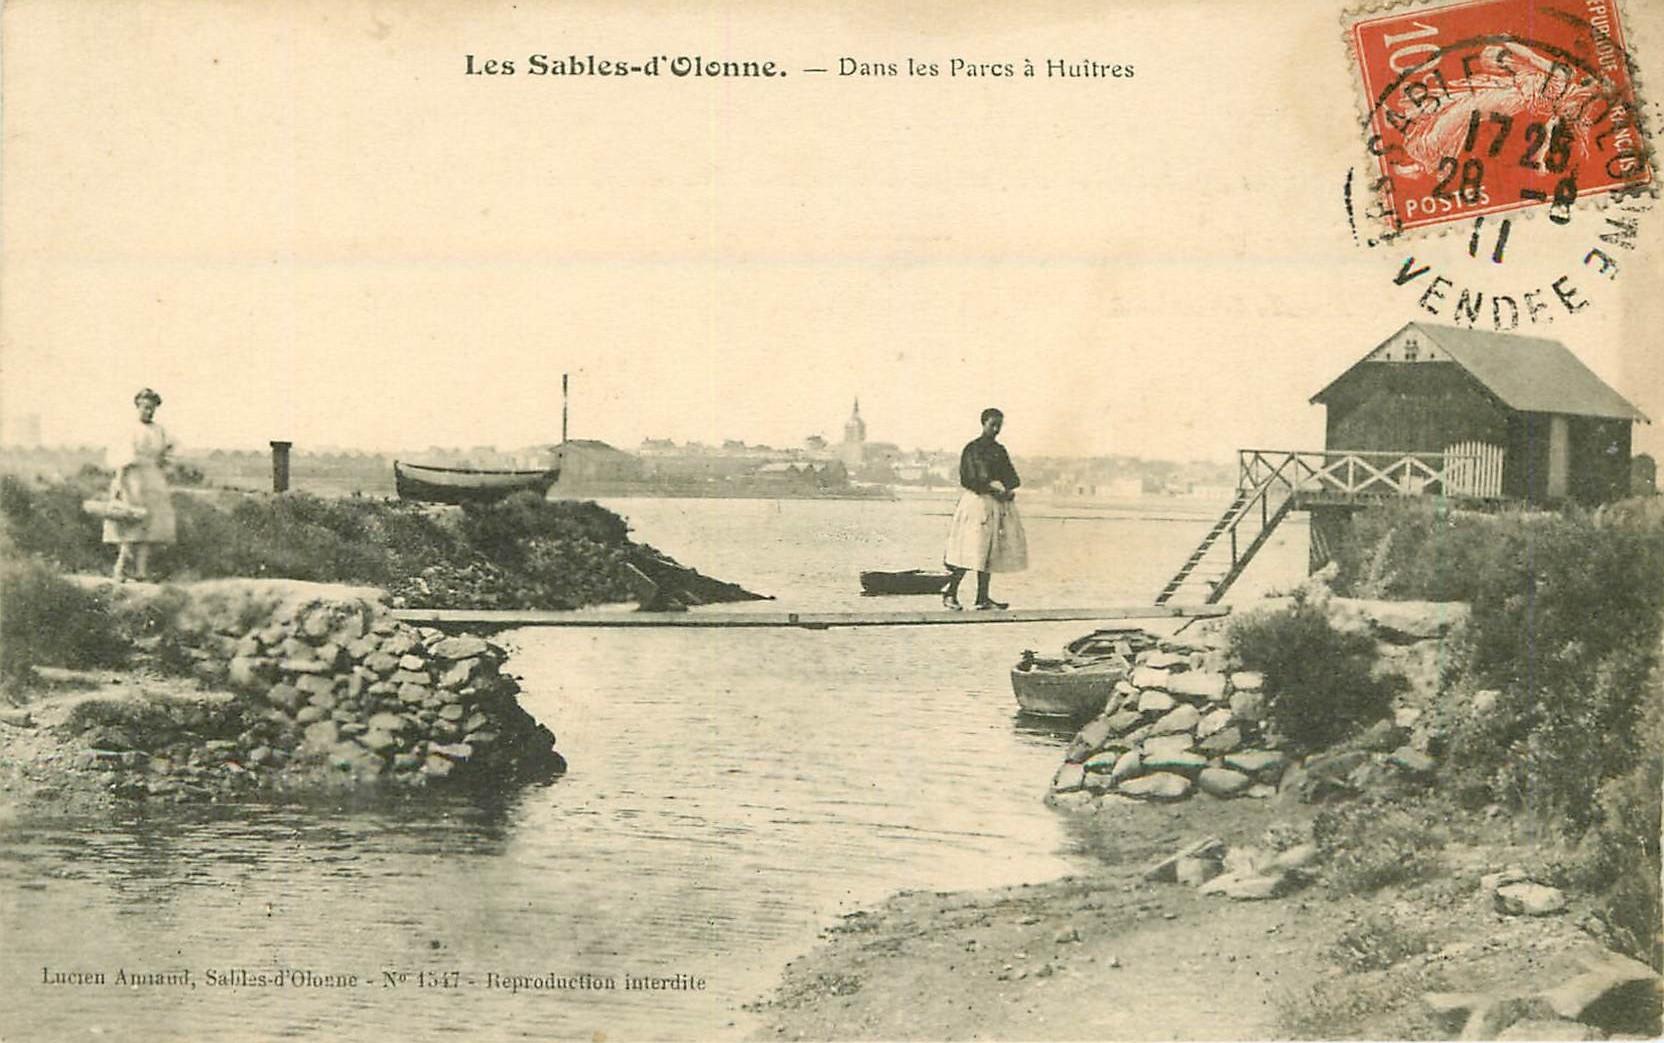 85 LES SABLES D'OLONNE. Parqueuses dans les Parcs à Huîtres 1911